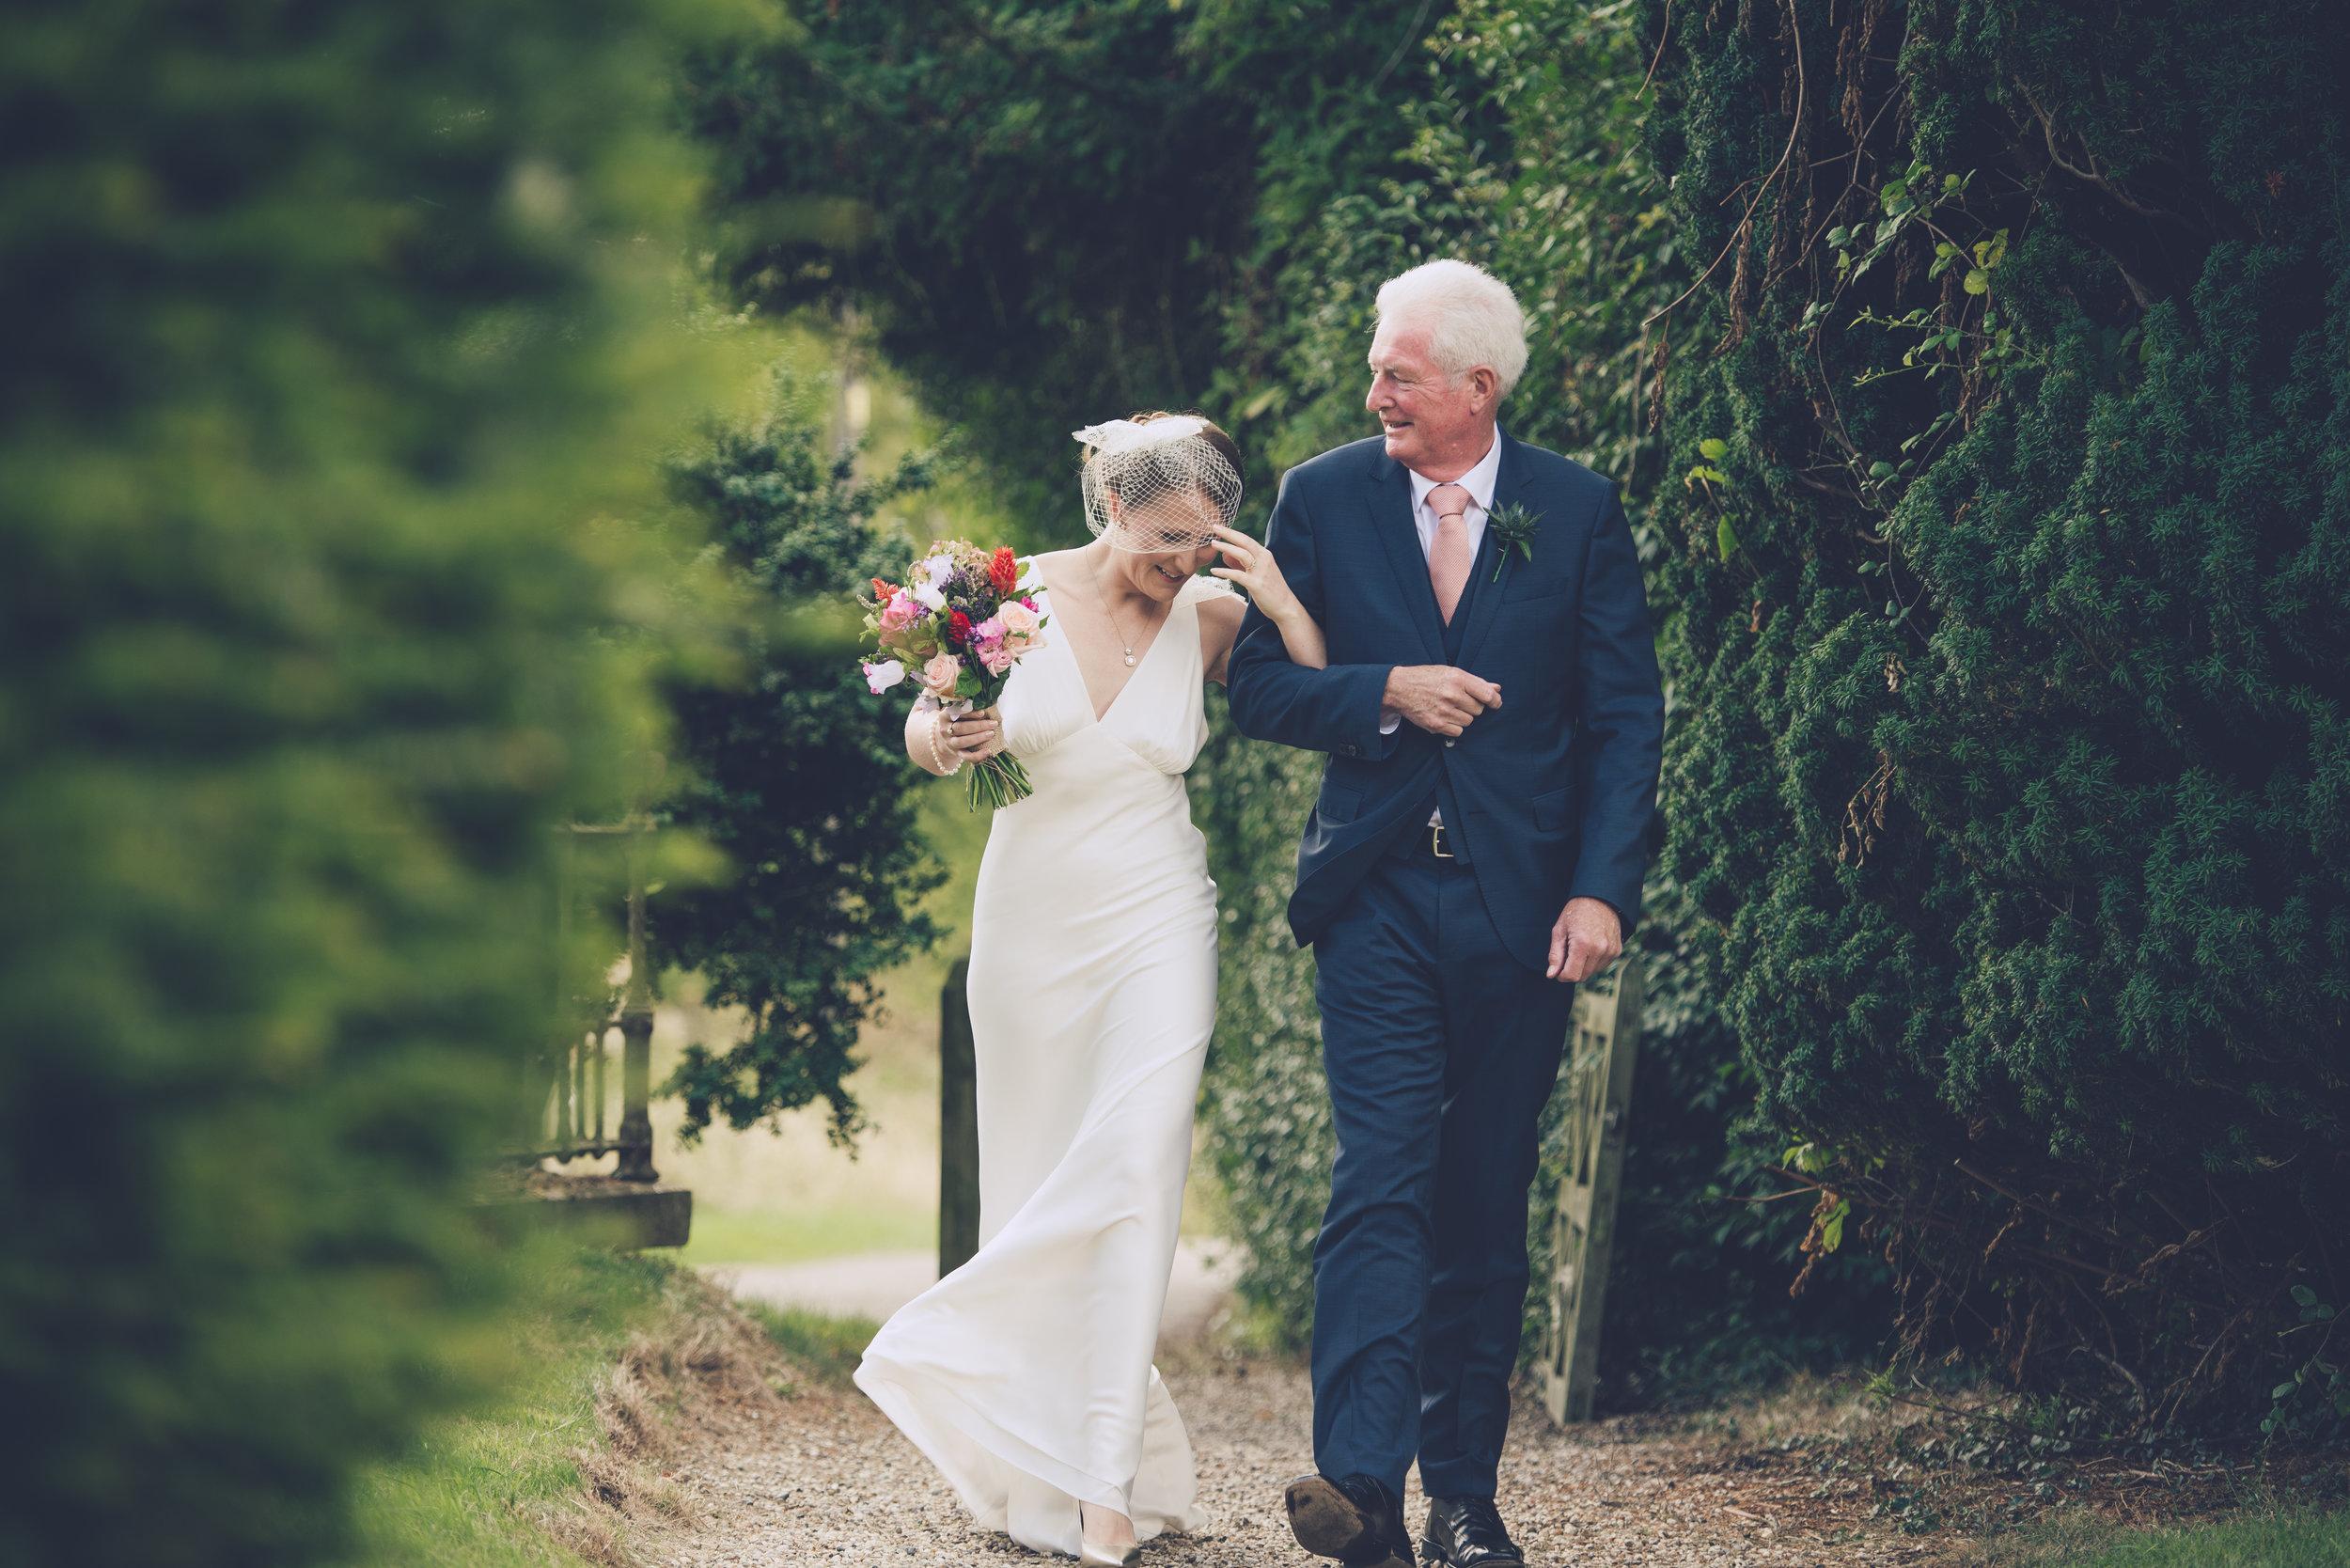 Sarah-Susanna-Greening-Bias-Vintage-Lace-Wedding-Dress-Bespoke-Matlock-Derbyshire-7